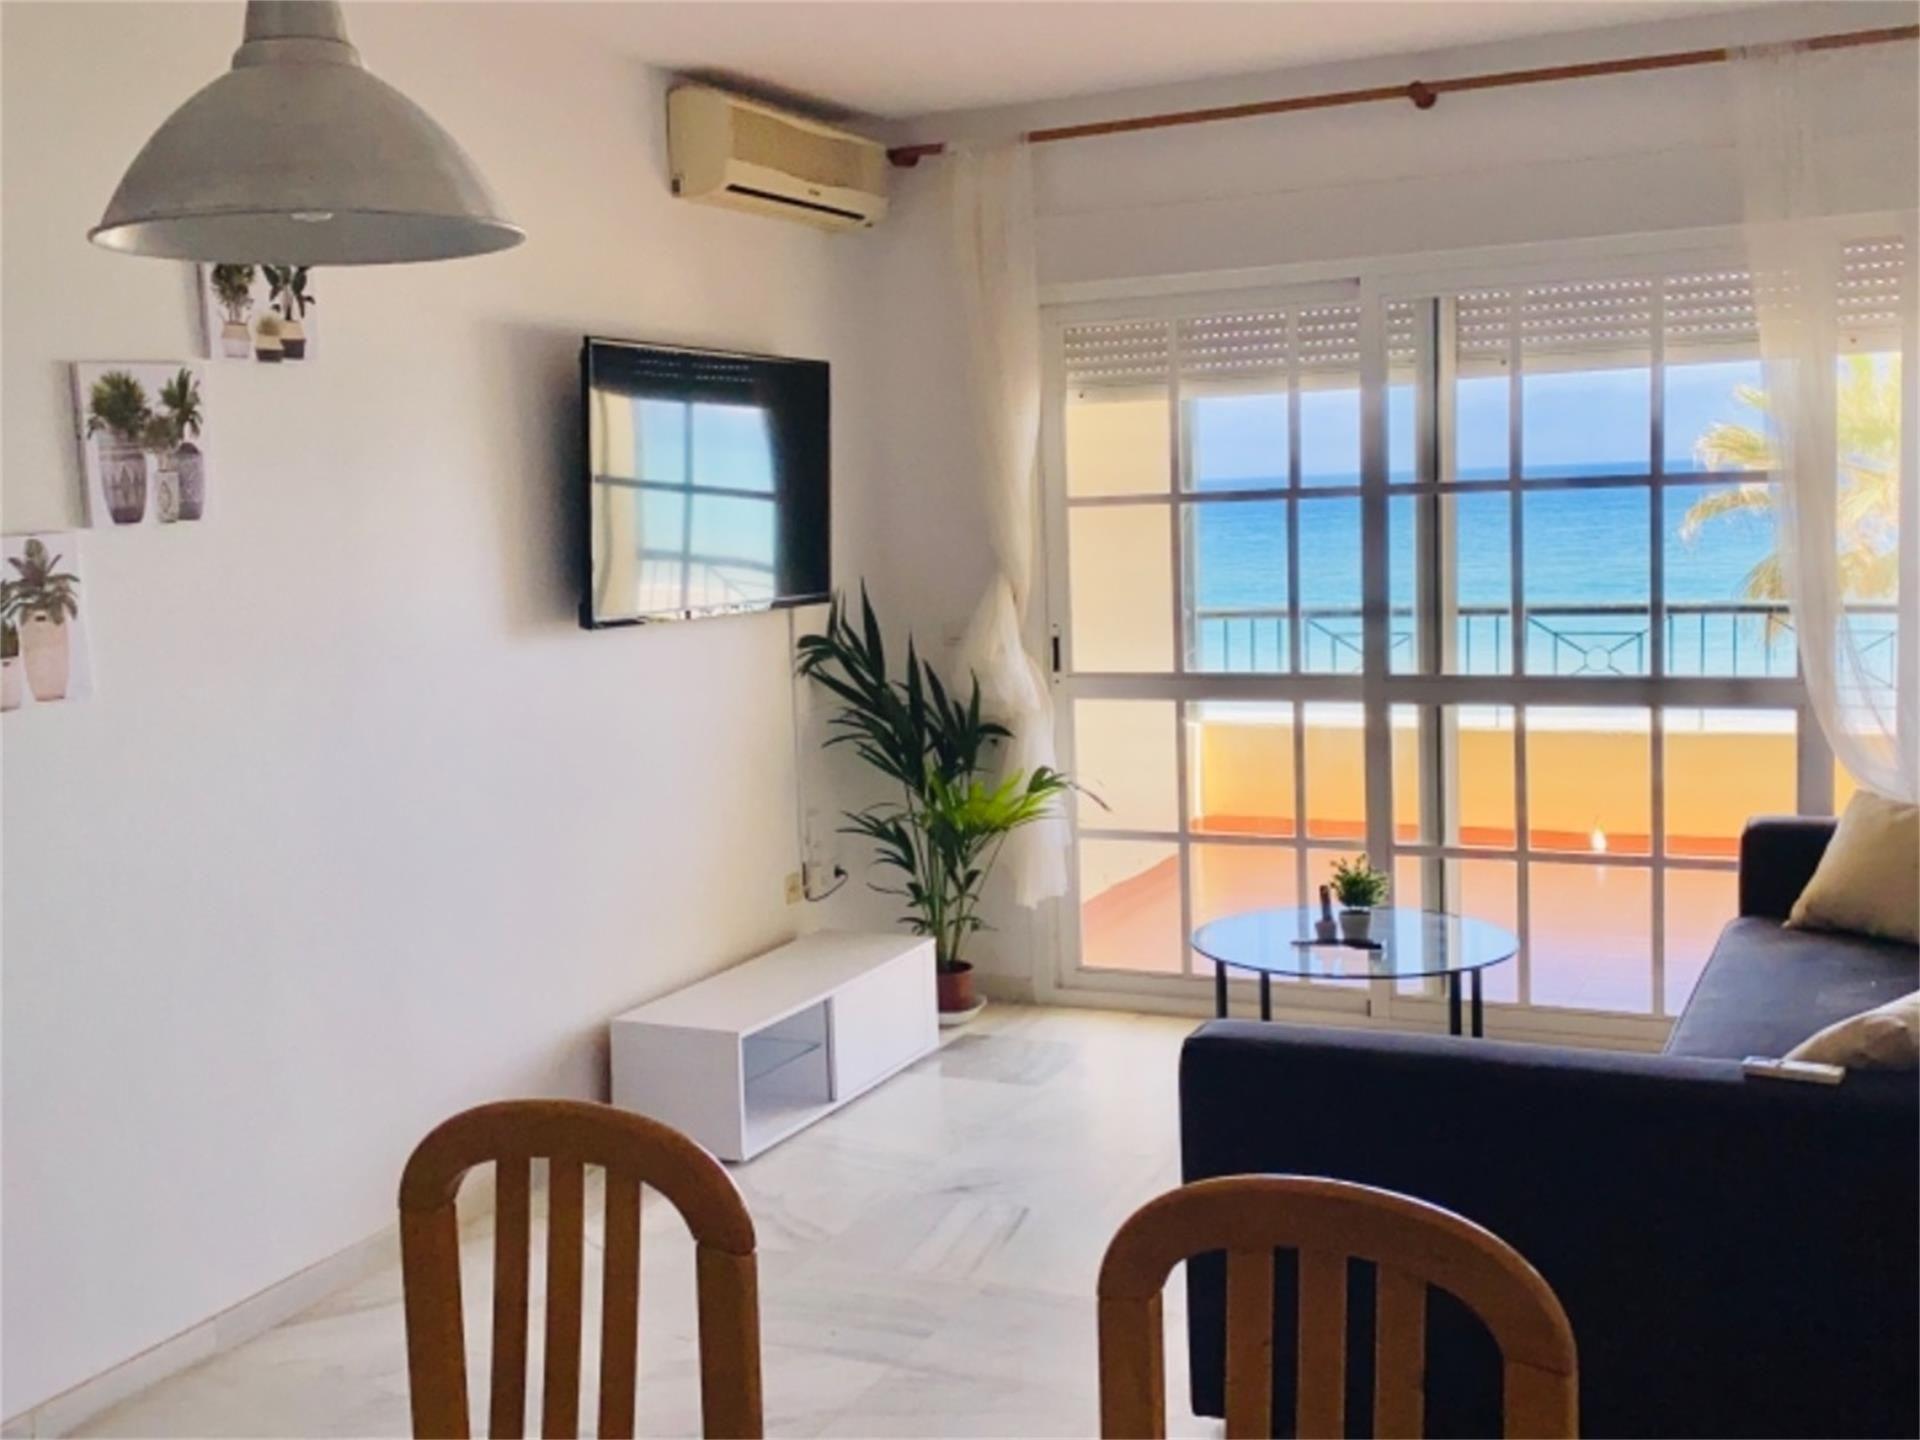 Apartamento de alquiler en Avenida Avenida Peñoncillo, ., El Peñoncillo (El Peñoncillo, Málaga)